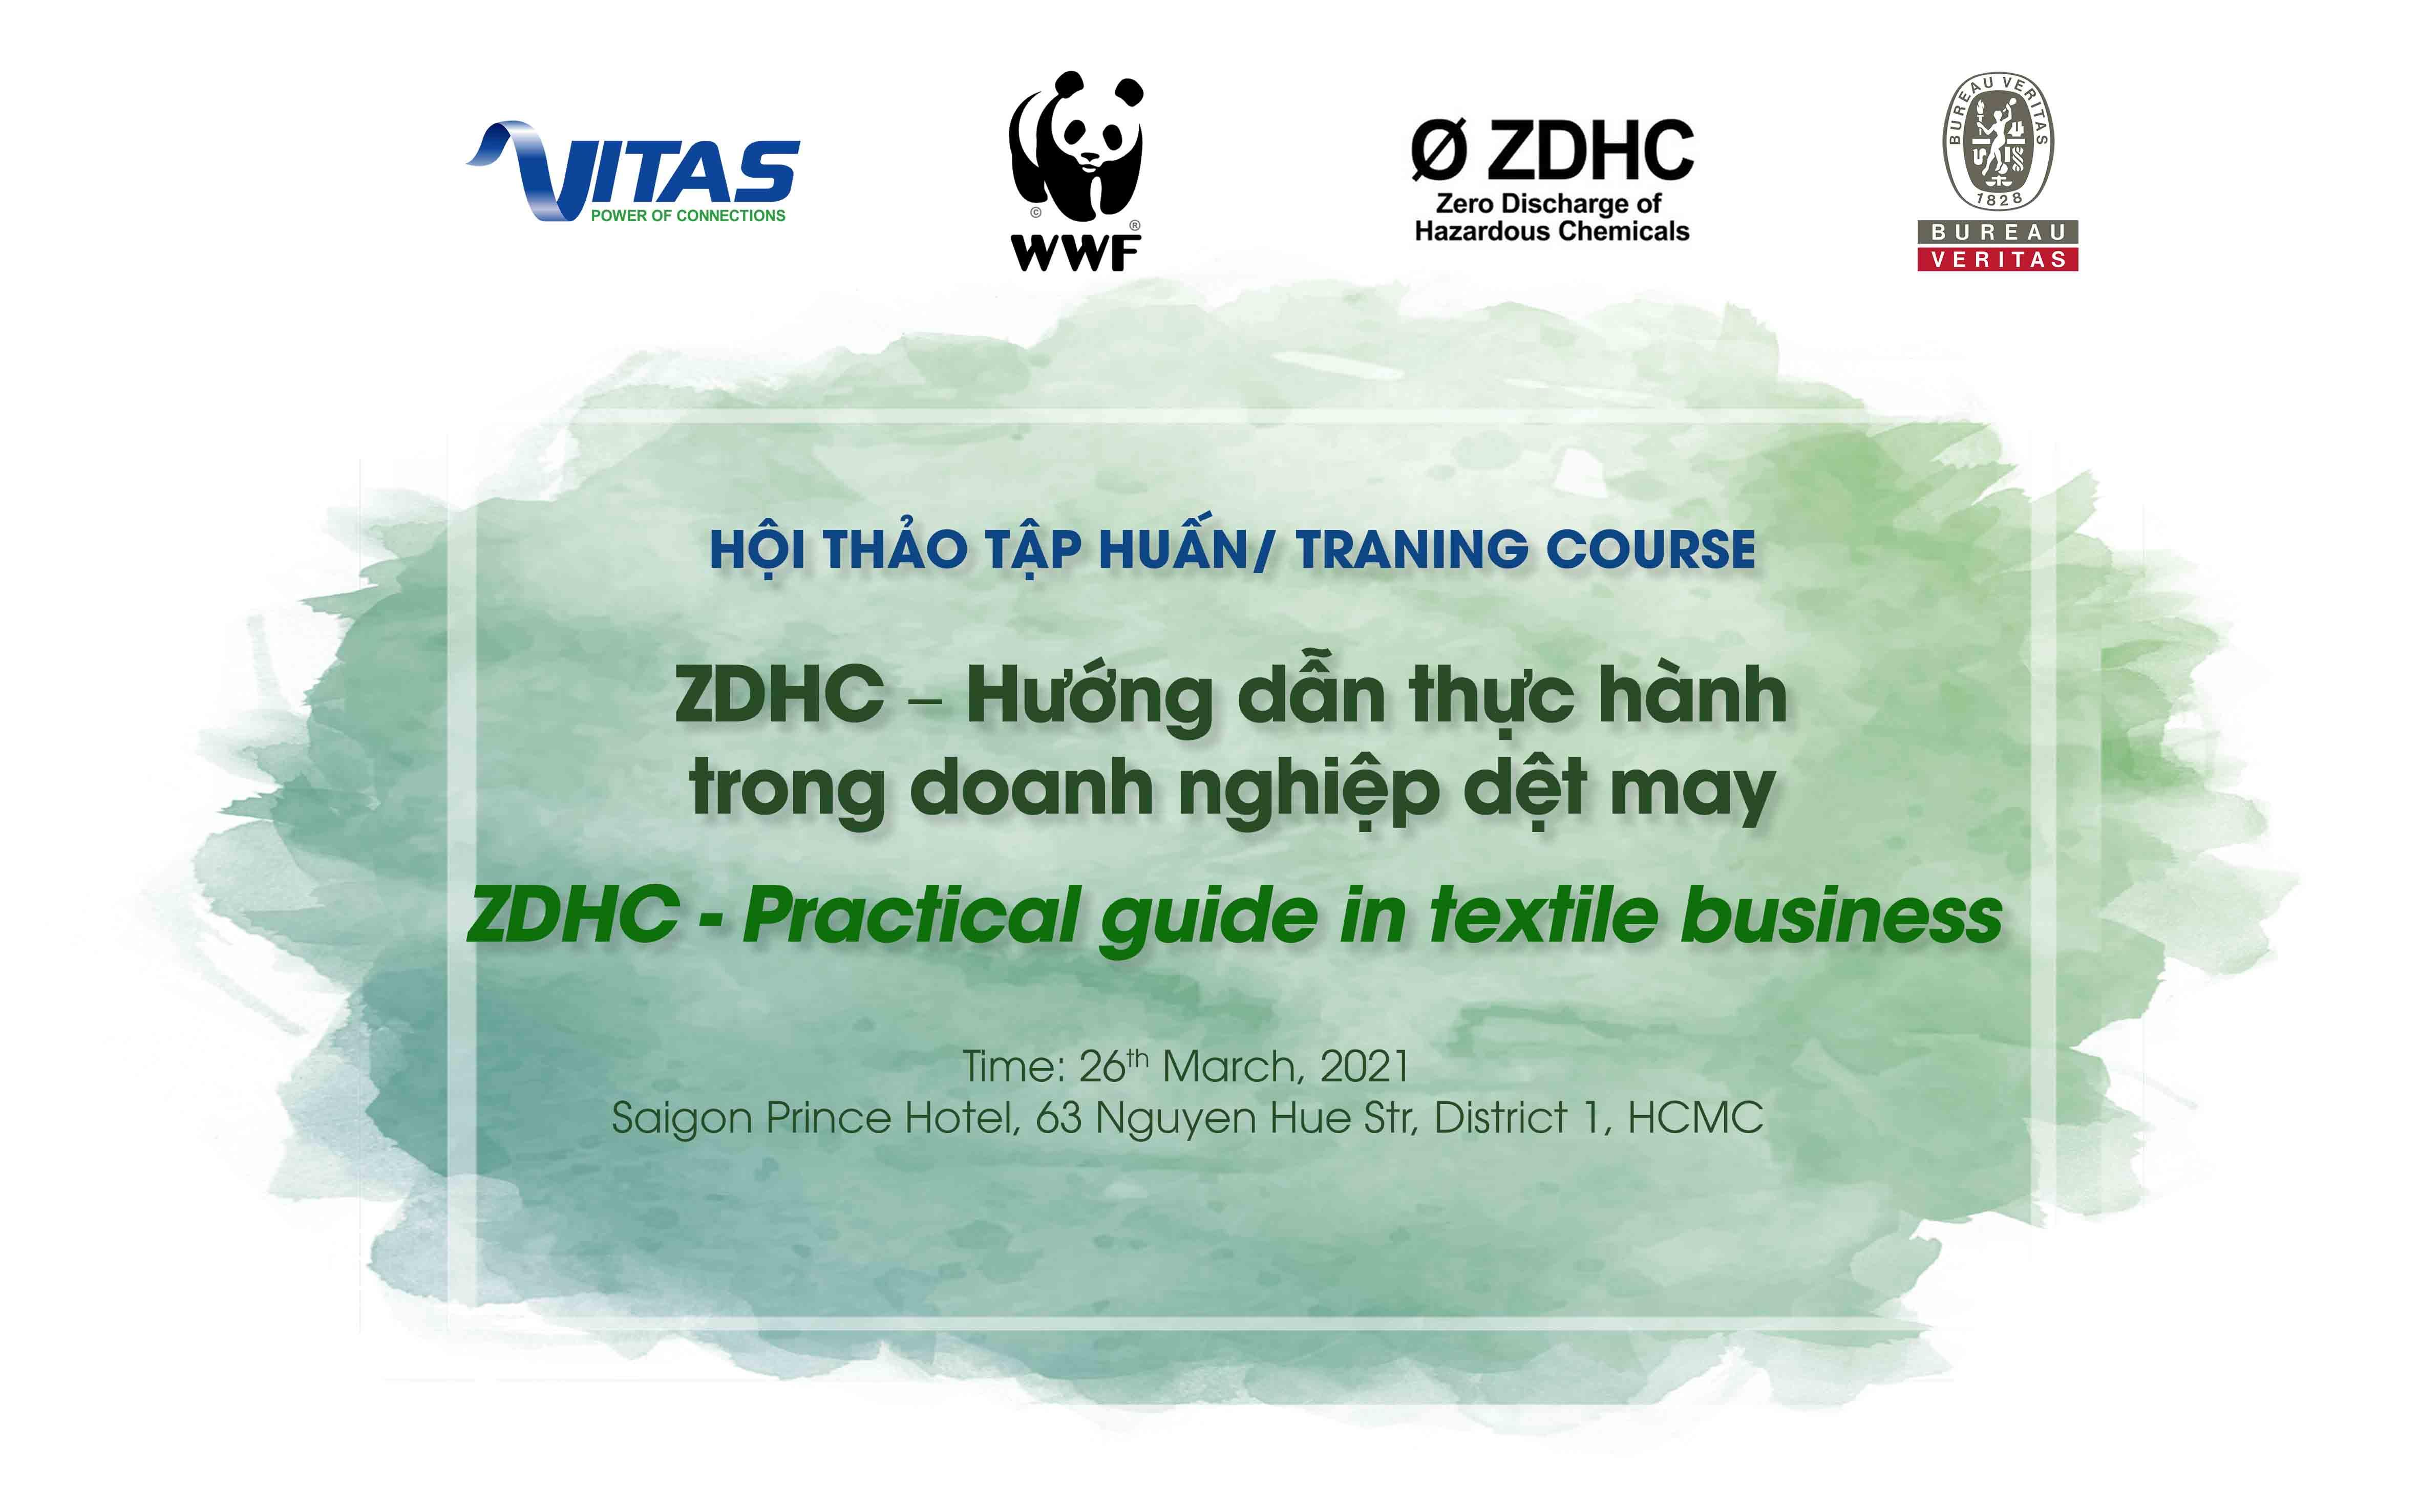 """Thư mời tham dự Hội thảo tập huấn """"ZDHC – Hướng dẫn thực hành trong doanh nghiệp dệt may"""""""